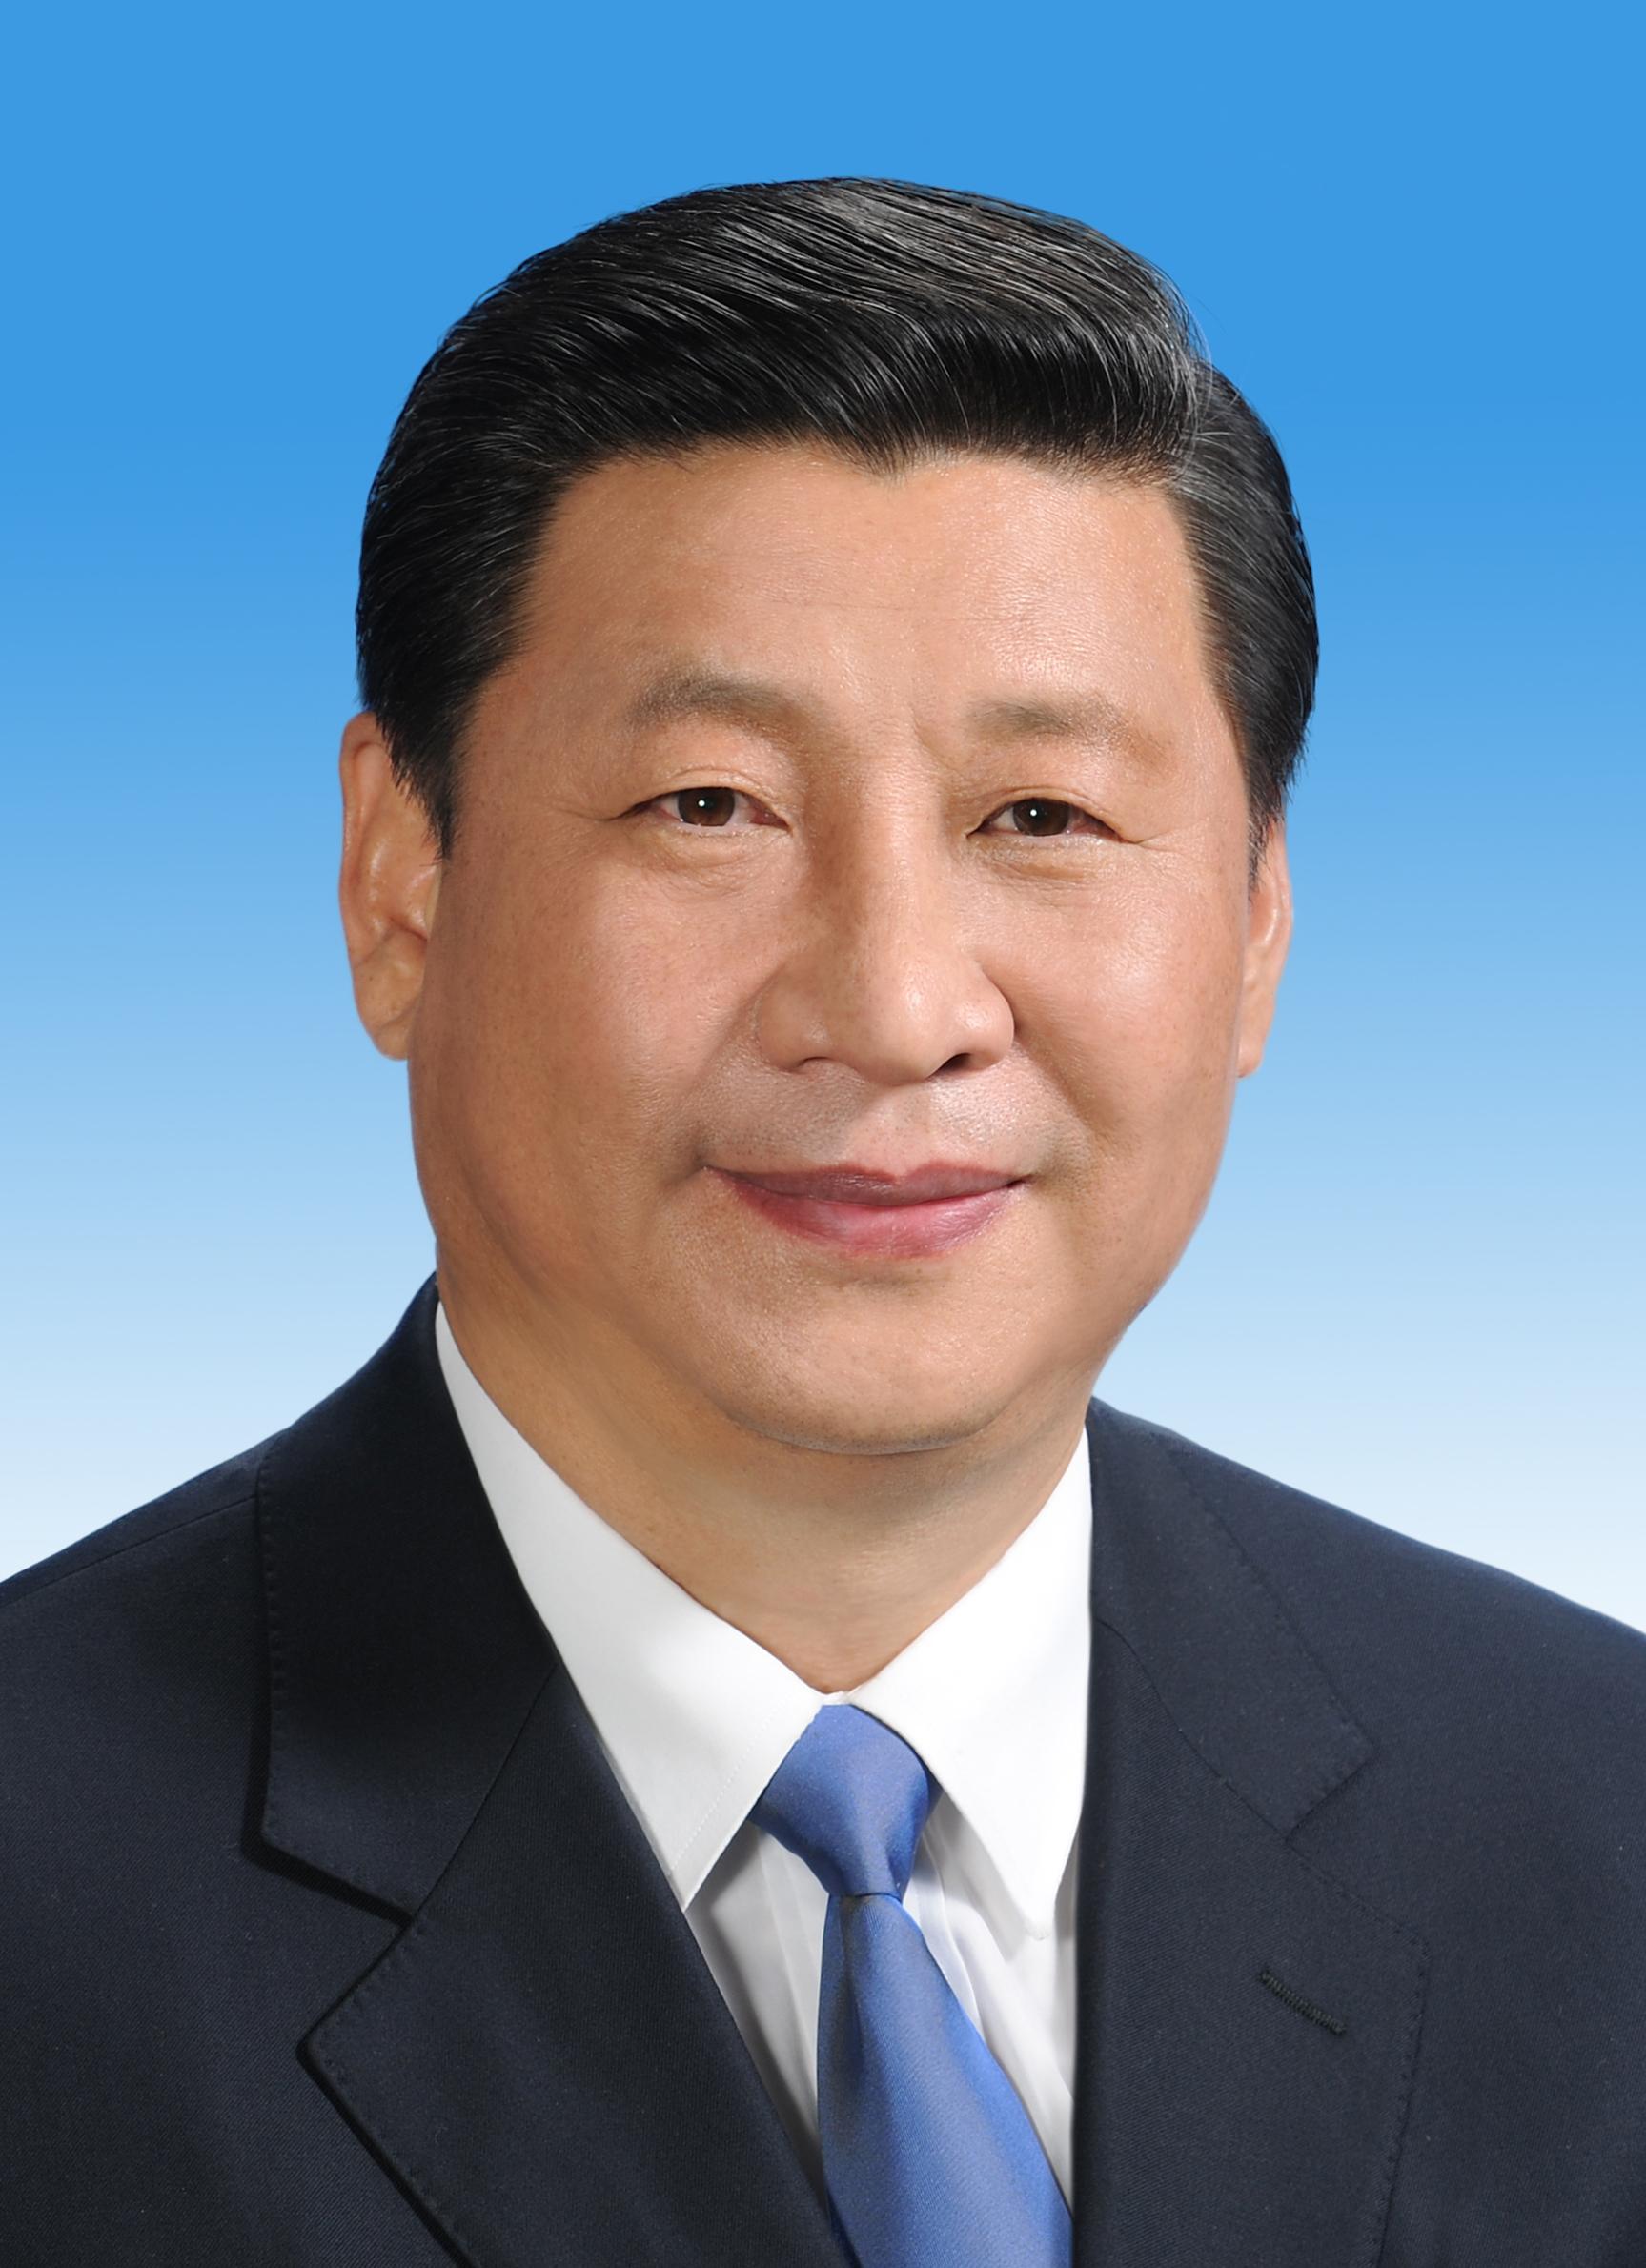 新一届国家领导人名单 习近平当选国家主席 李源潮当选国家副主席图片